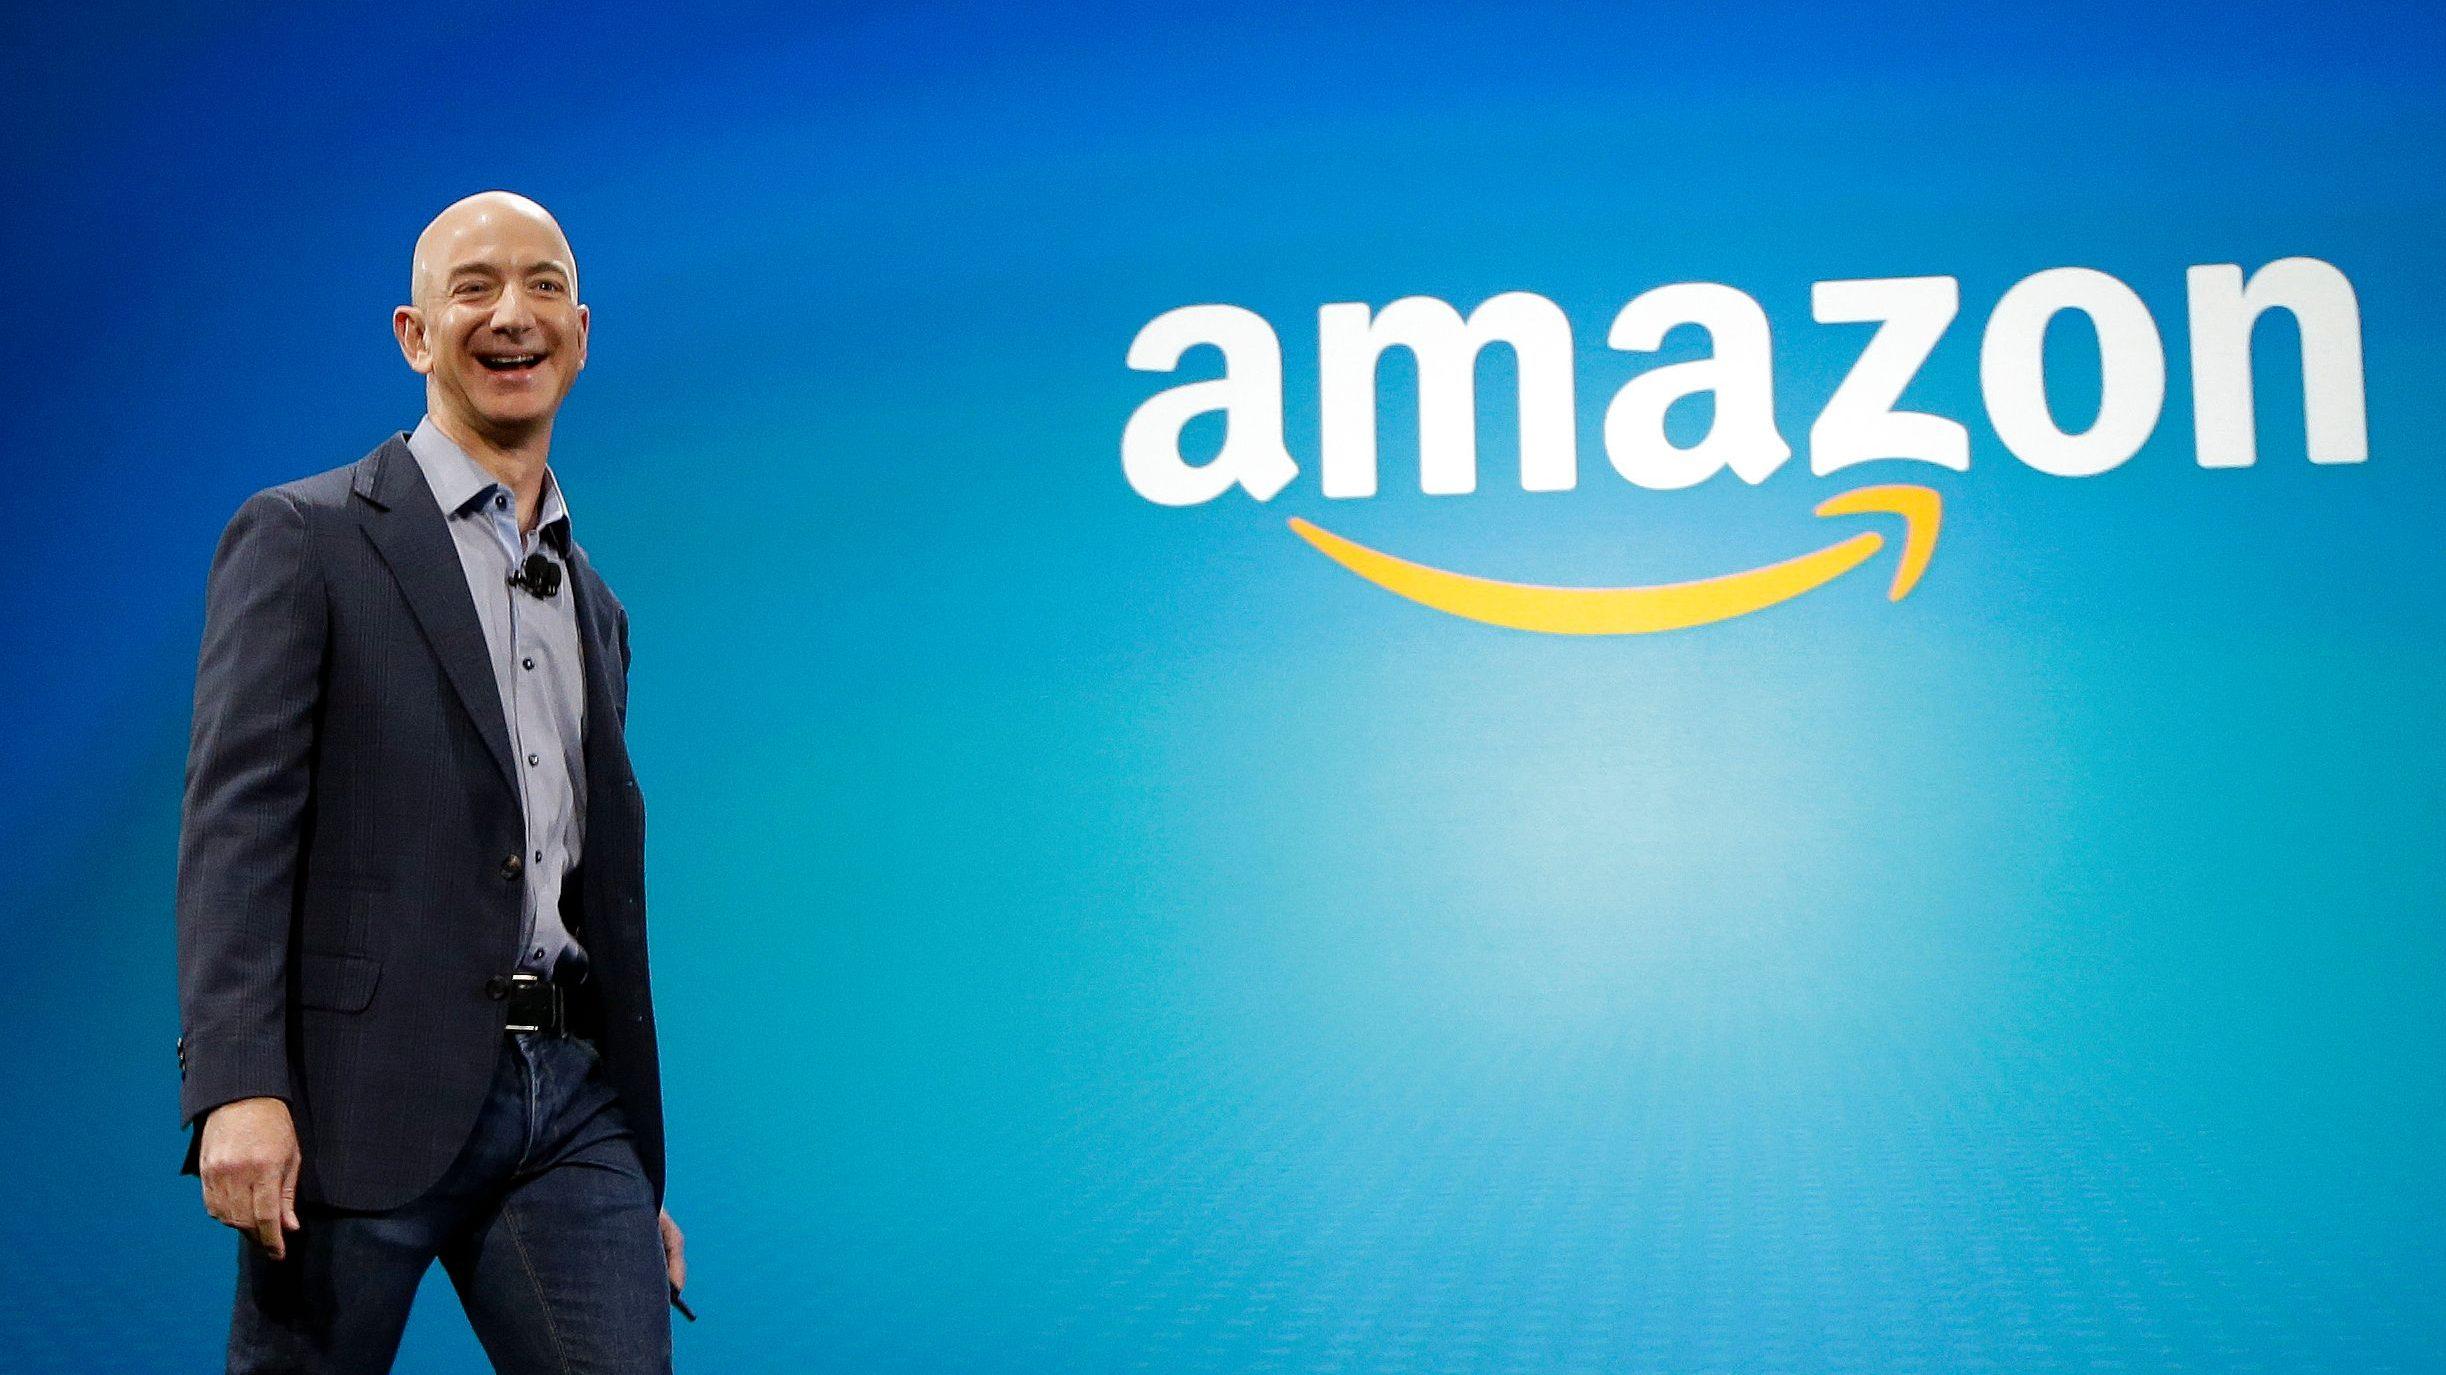 Amazon Ceo Jeff Bezos Found A Leadership Lesson In A Friend S Quest